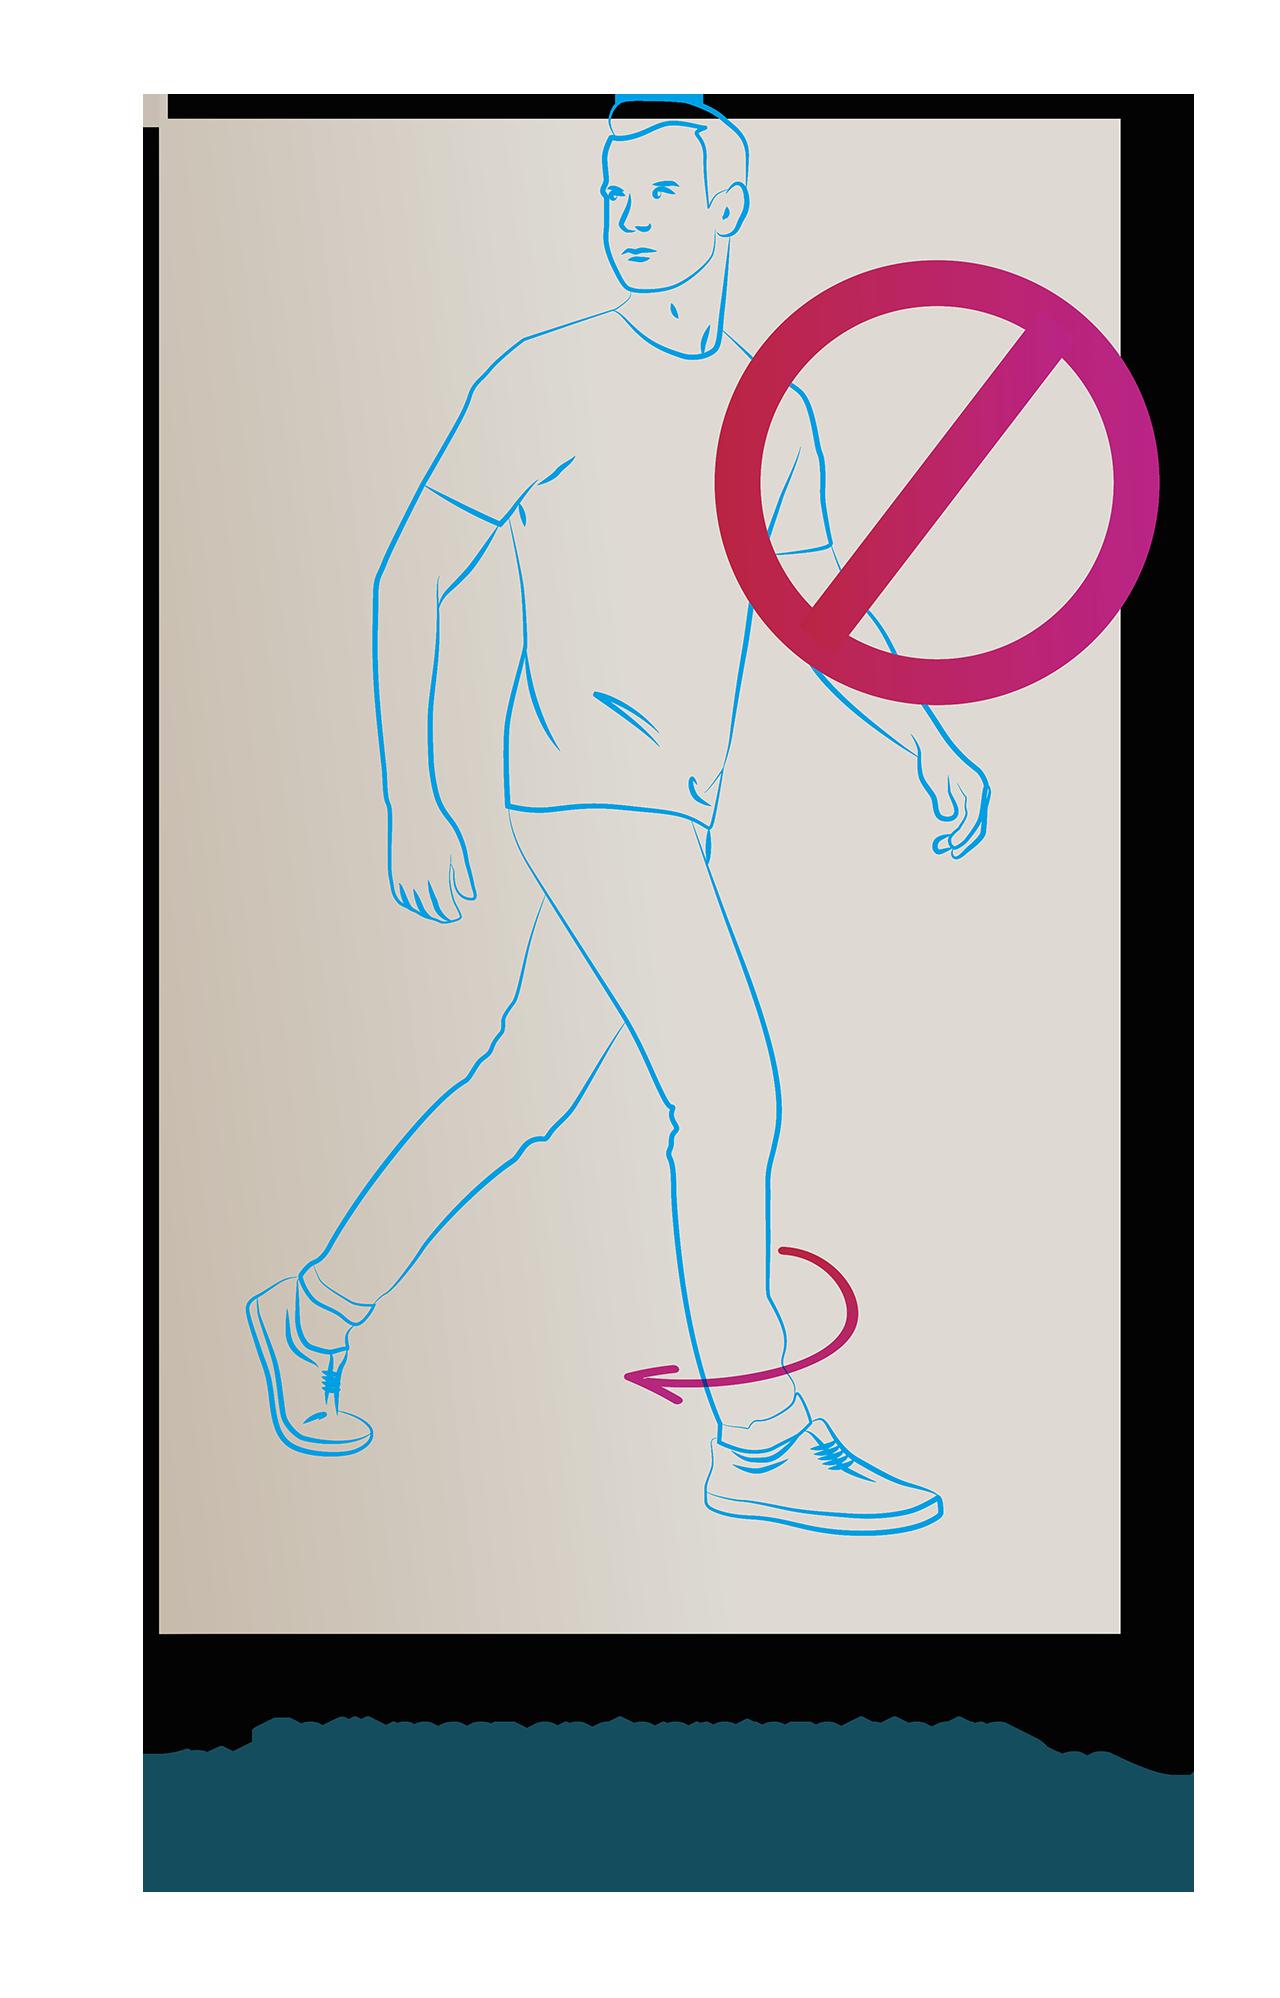 przy sztucznym biodrze nie wolno rotowac nogi do srodka